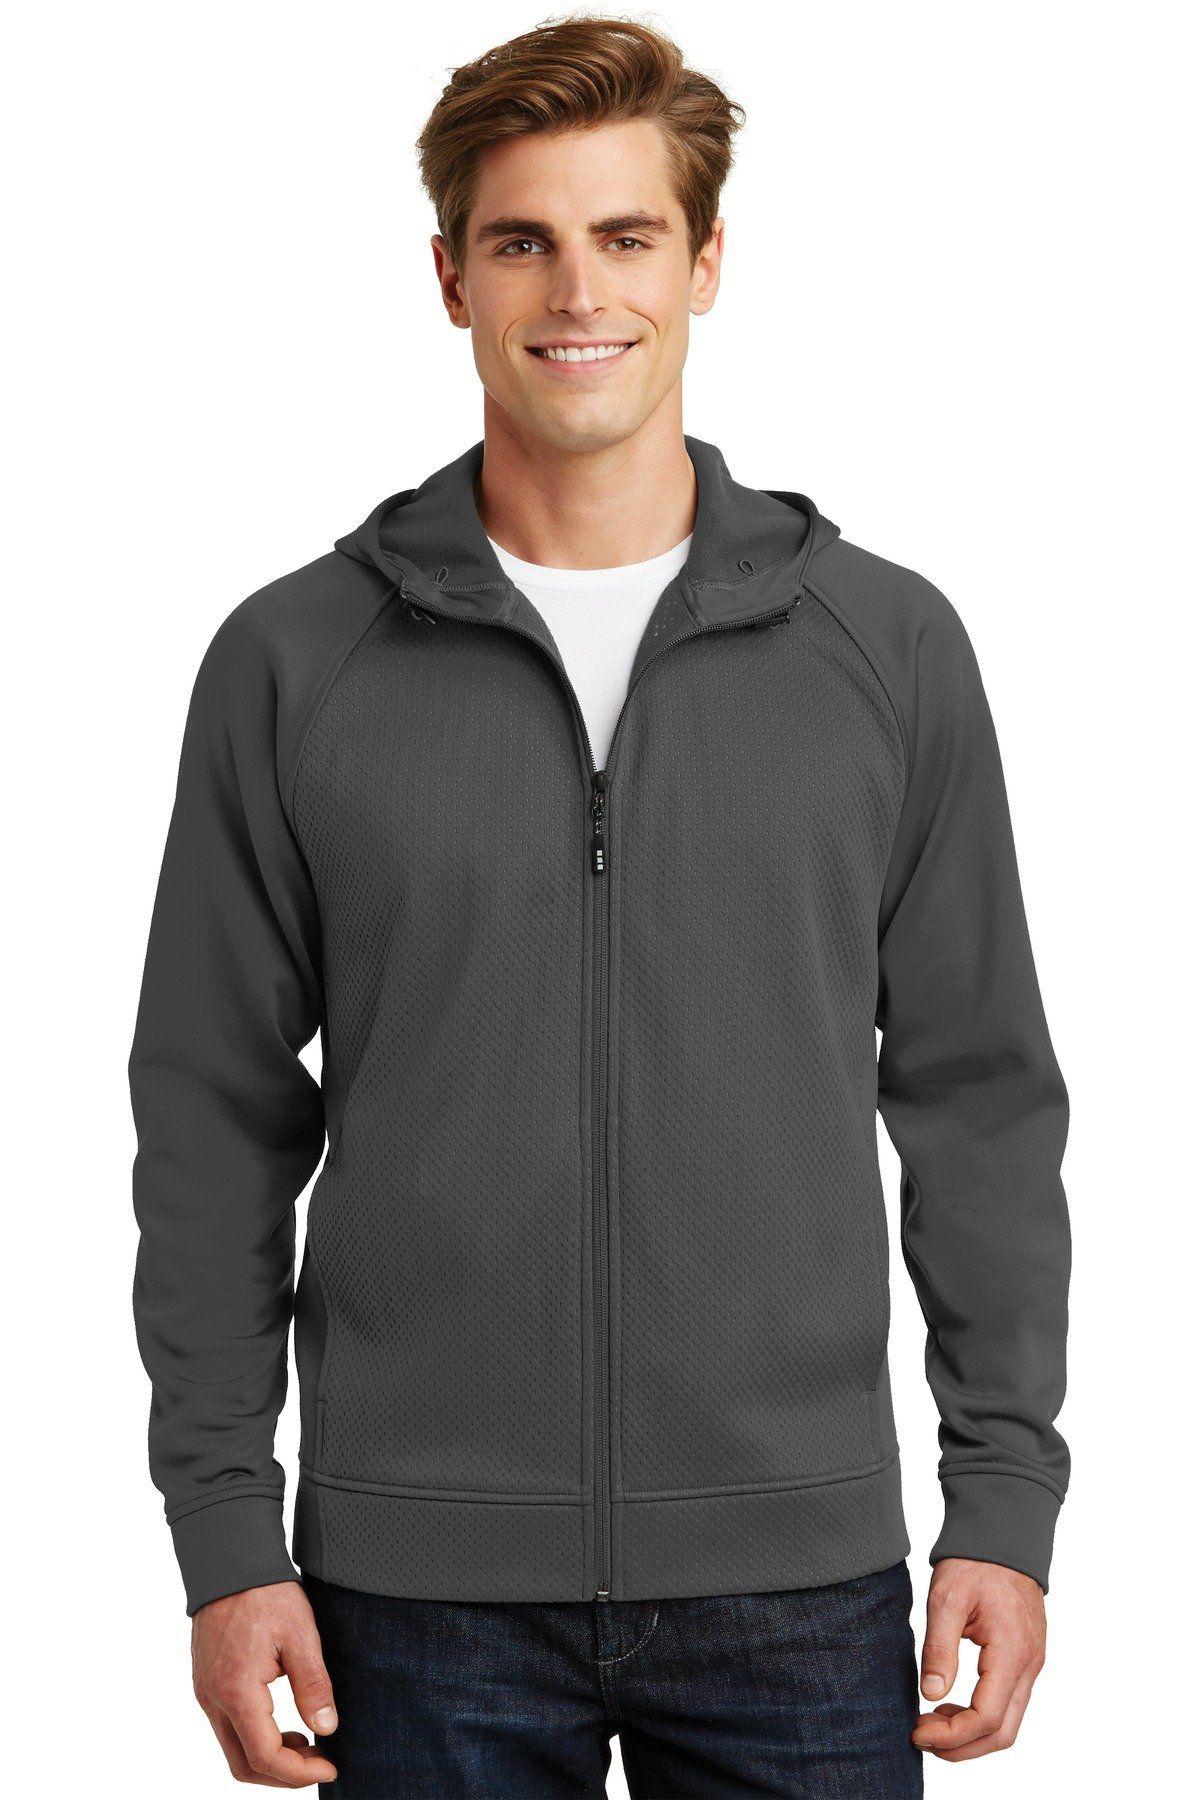 SportTek Rival Tech Fleece FullZip Hooded Jacket ST295